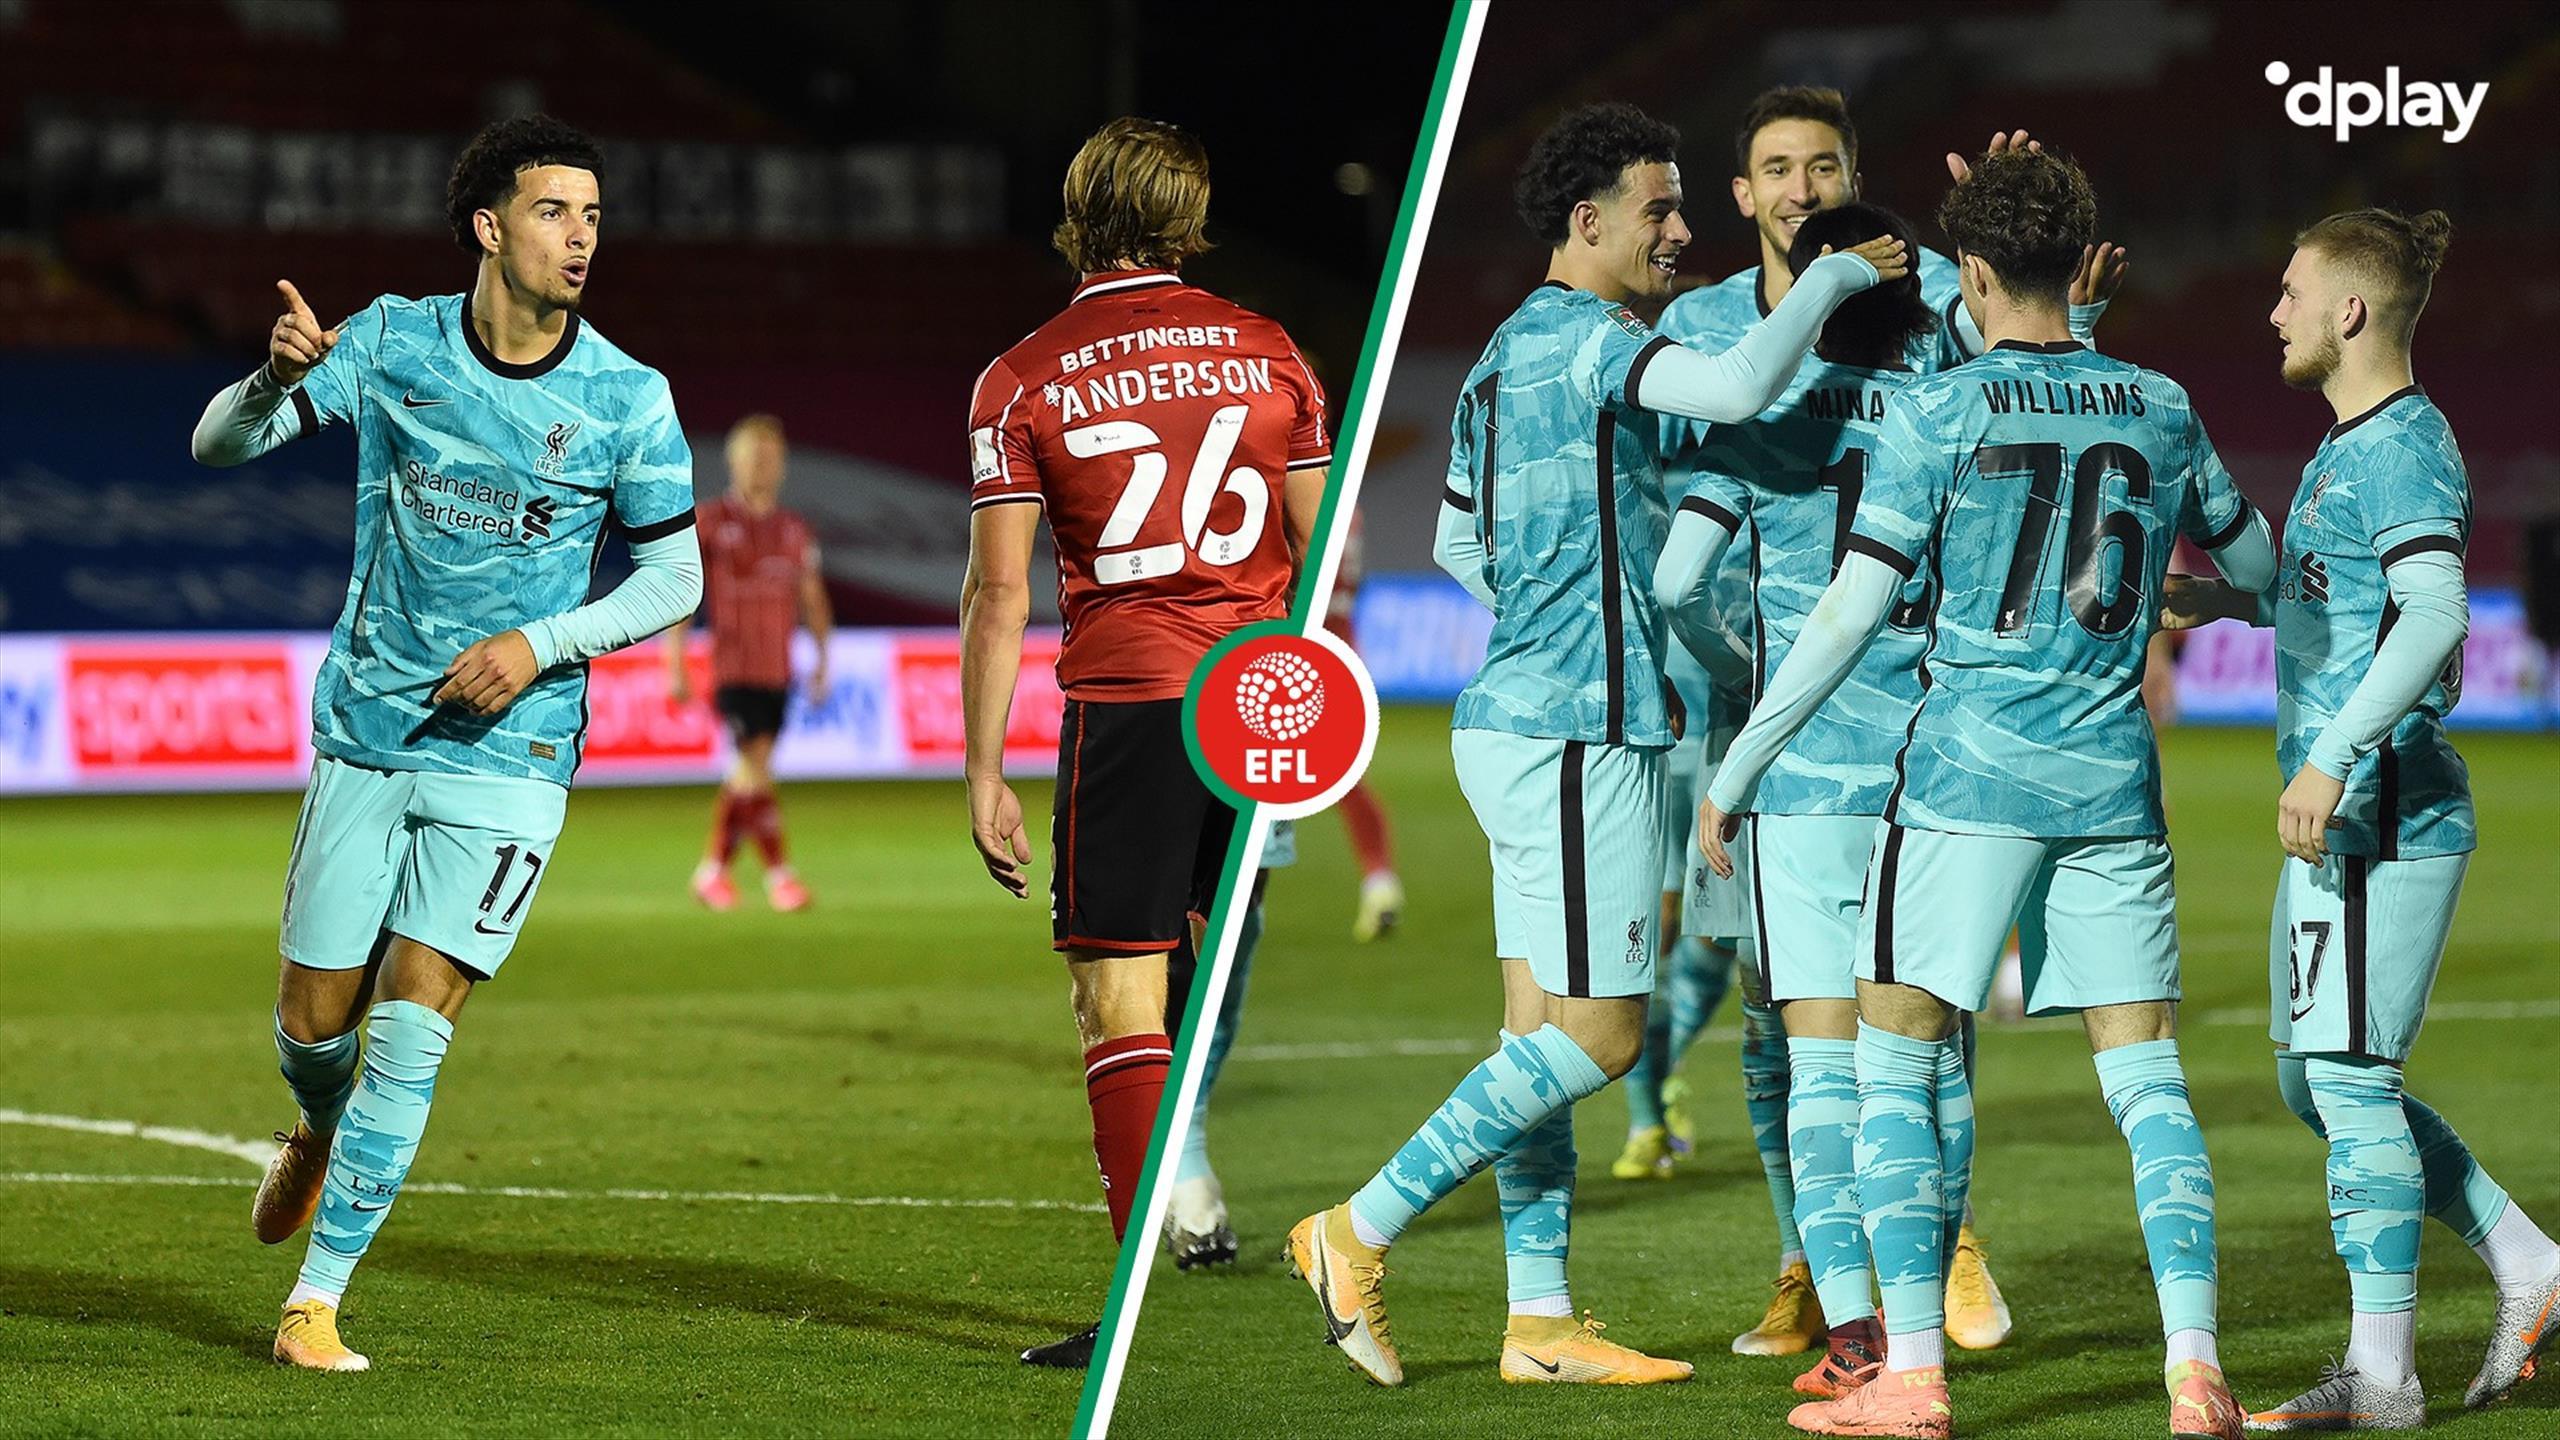 Highlights: Liverpool udraderede Lincoln City i vanvittig nimålskamp